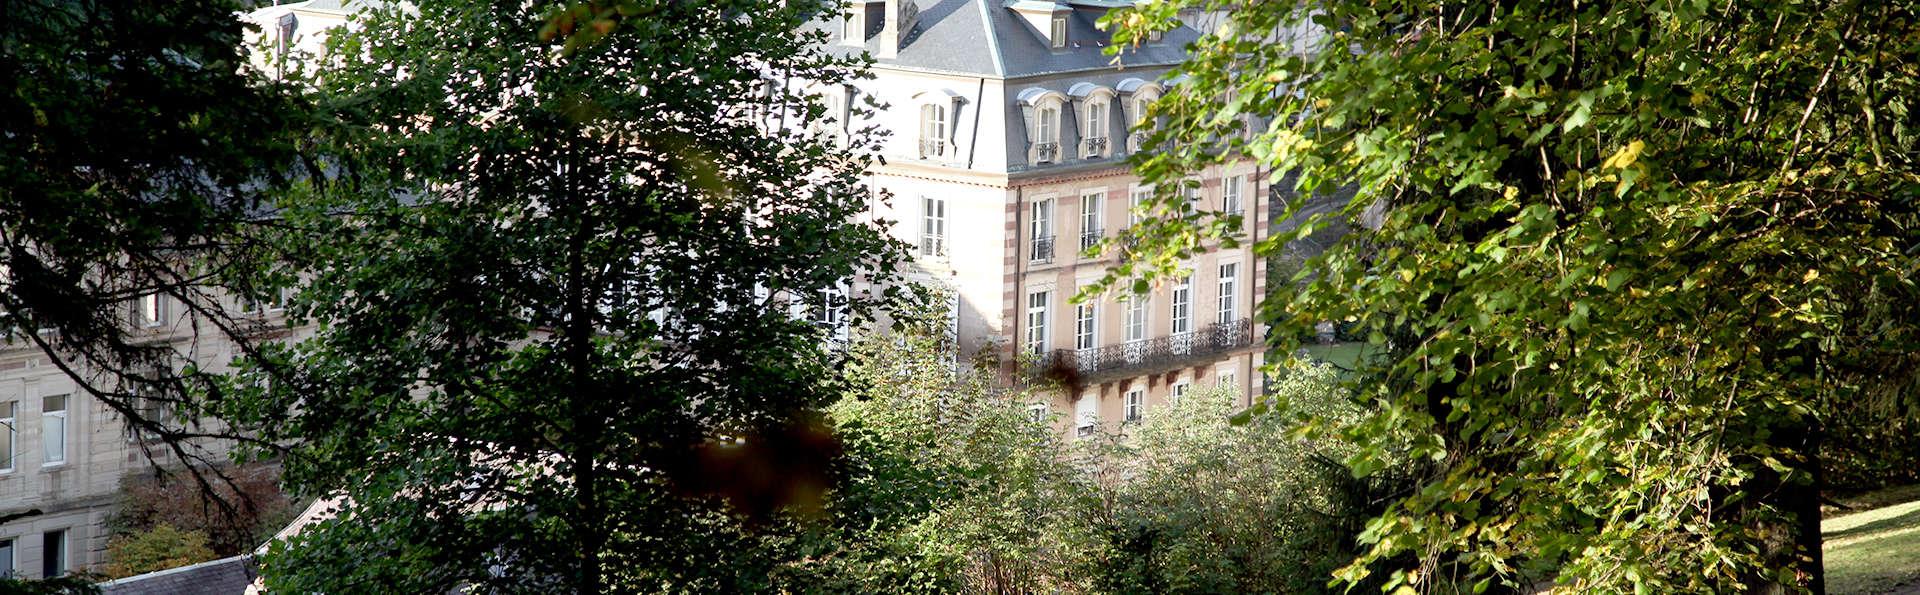 Grand Hôtel - Plombières les bains - Edit_Front.jpg